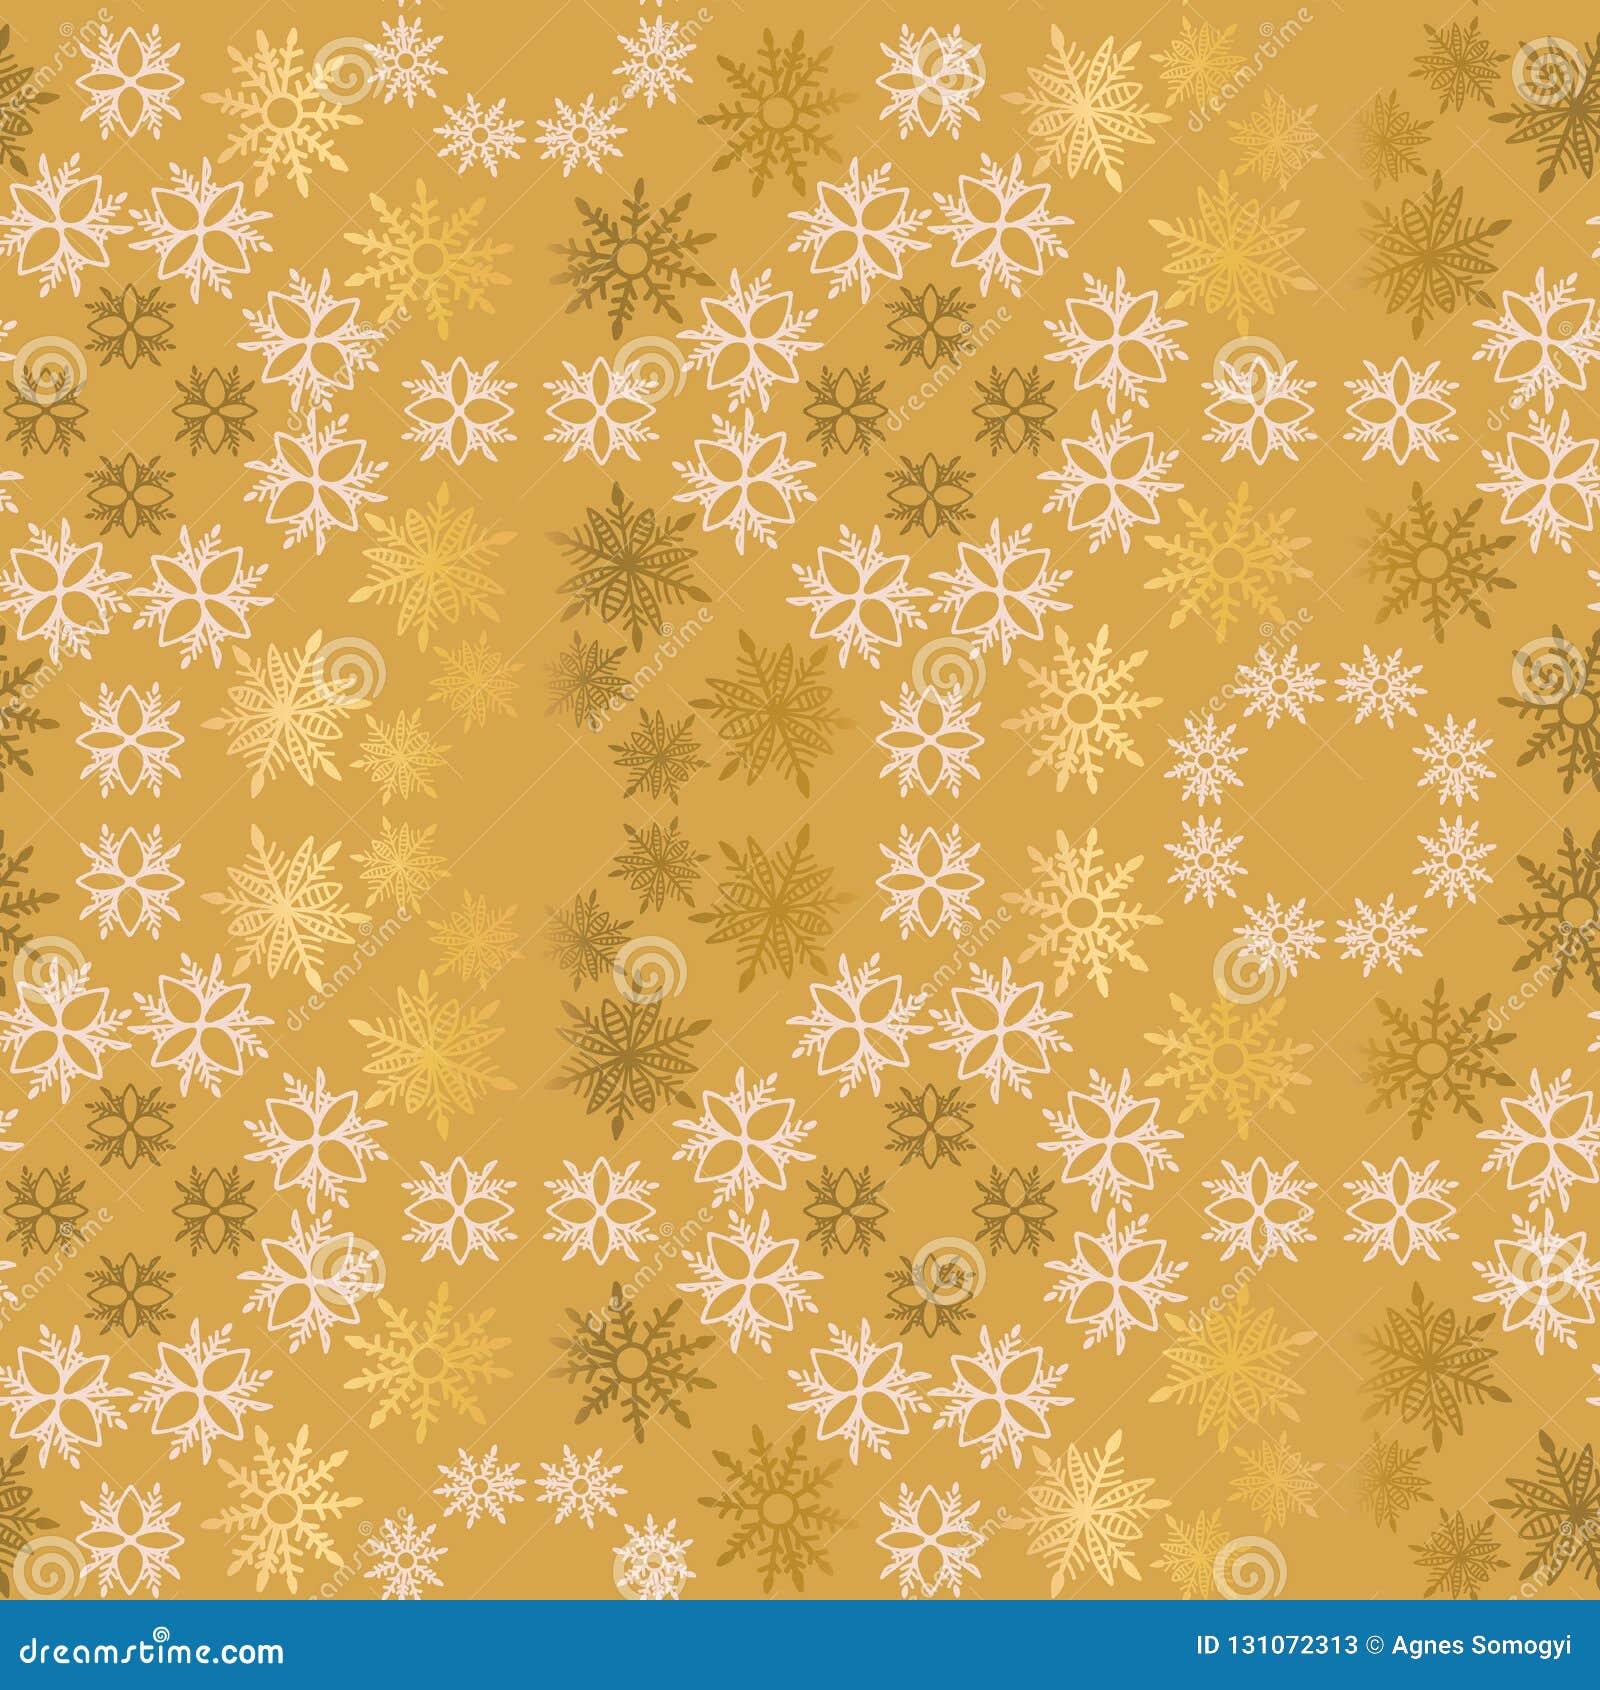 Modello senza cuciture ornamentale semplice di vettore del fiocco di neve dorato e rosa-chiaro Carta da parati astratta, avvolgen